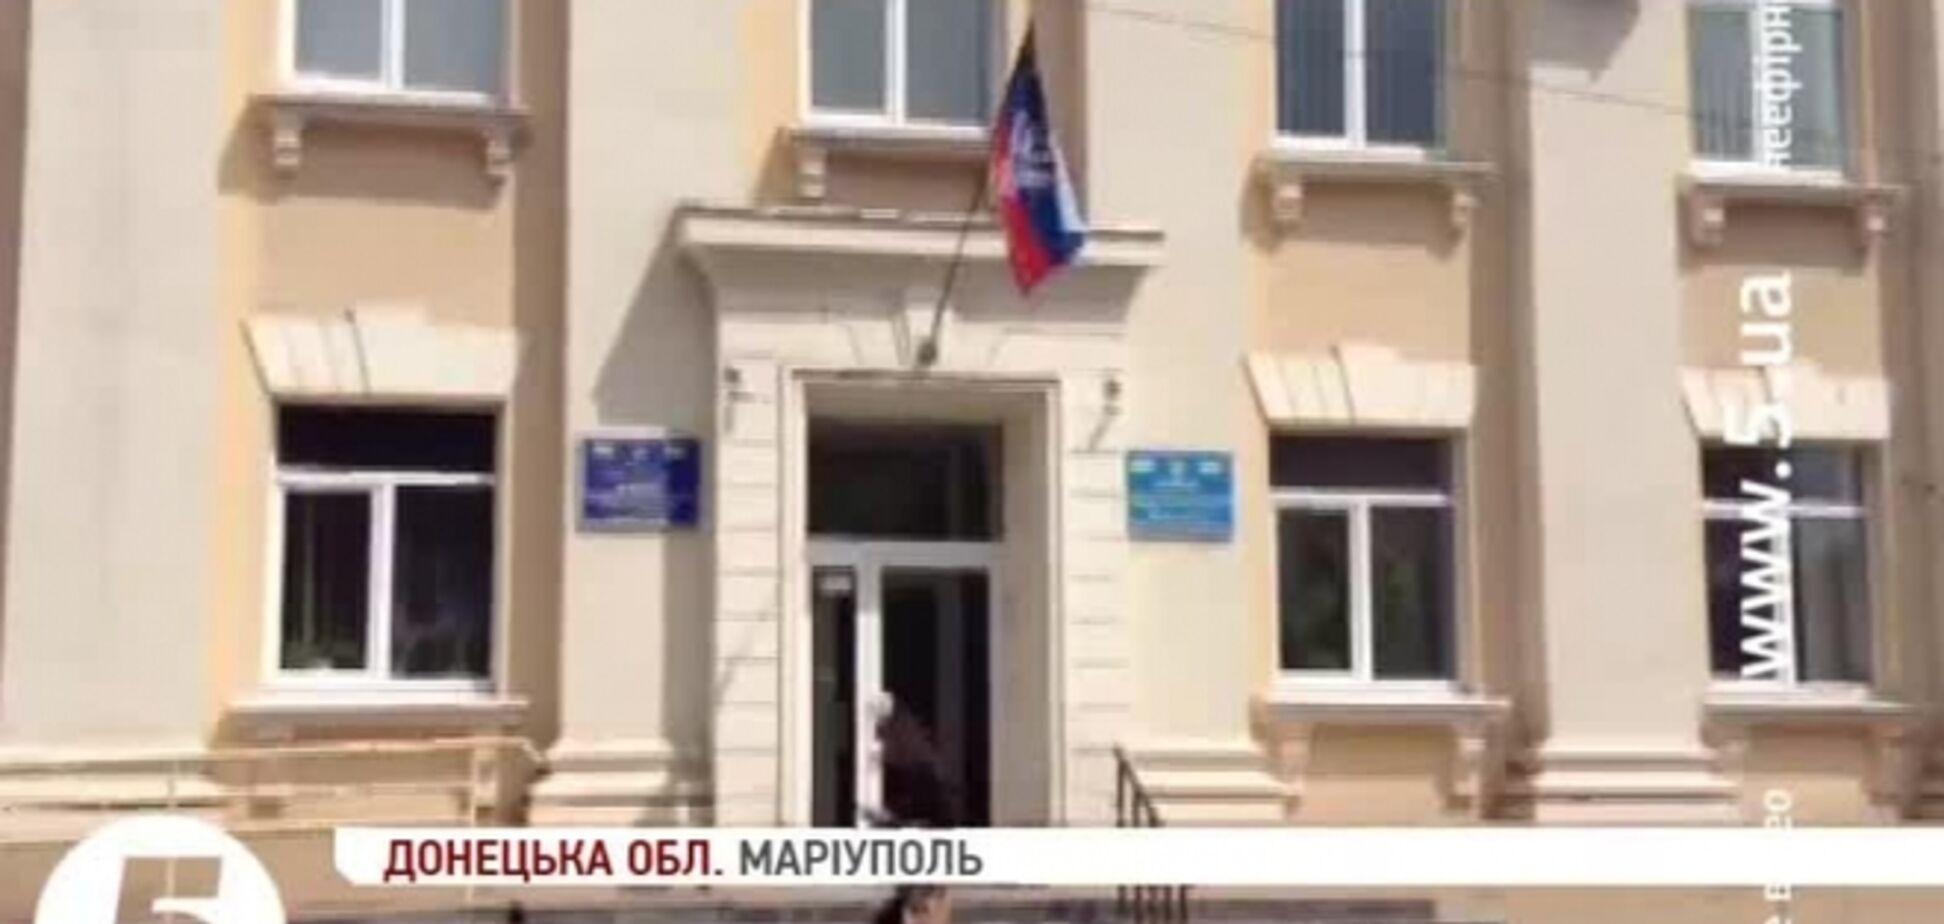 В Мариуполе на зданиях РГА появились флаги так называемой Донецкой народной республики